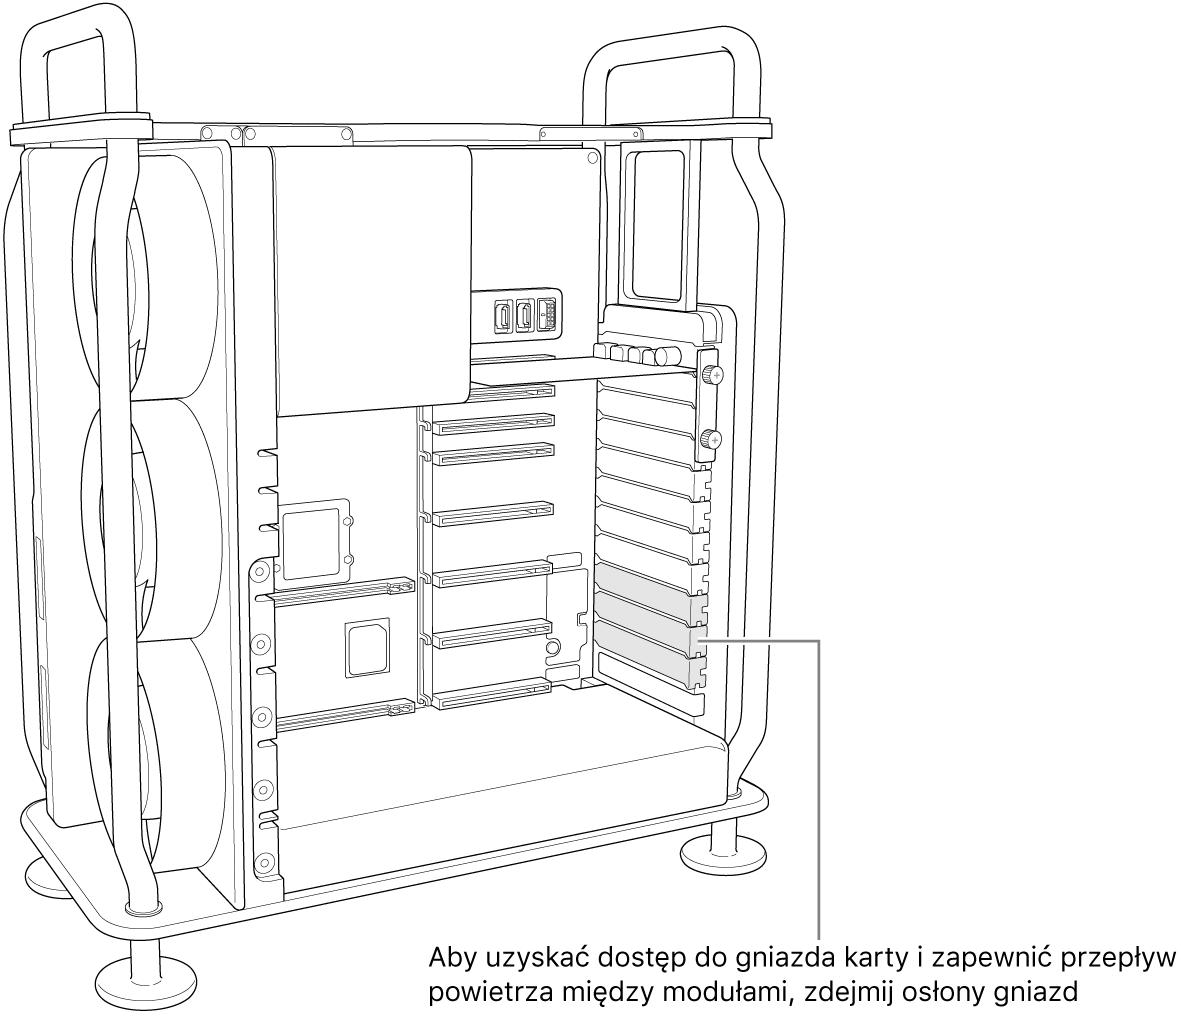 Aby uzyskać dostęp do gniazda karty izapewnić przepływ powietrza między modułami, zdejmij osłony gniazd.